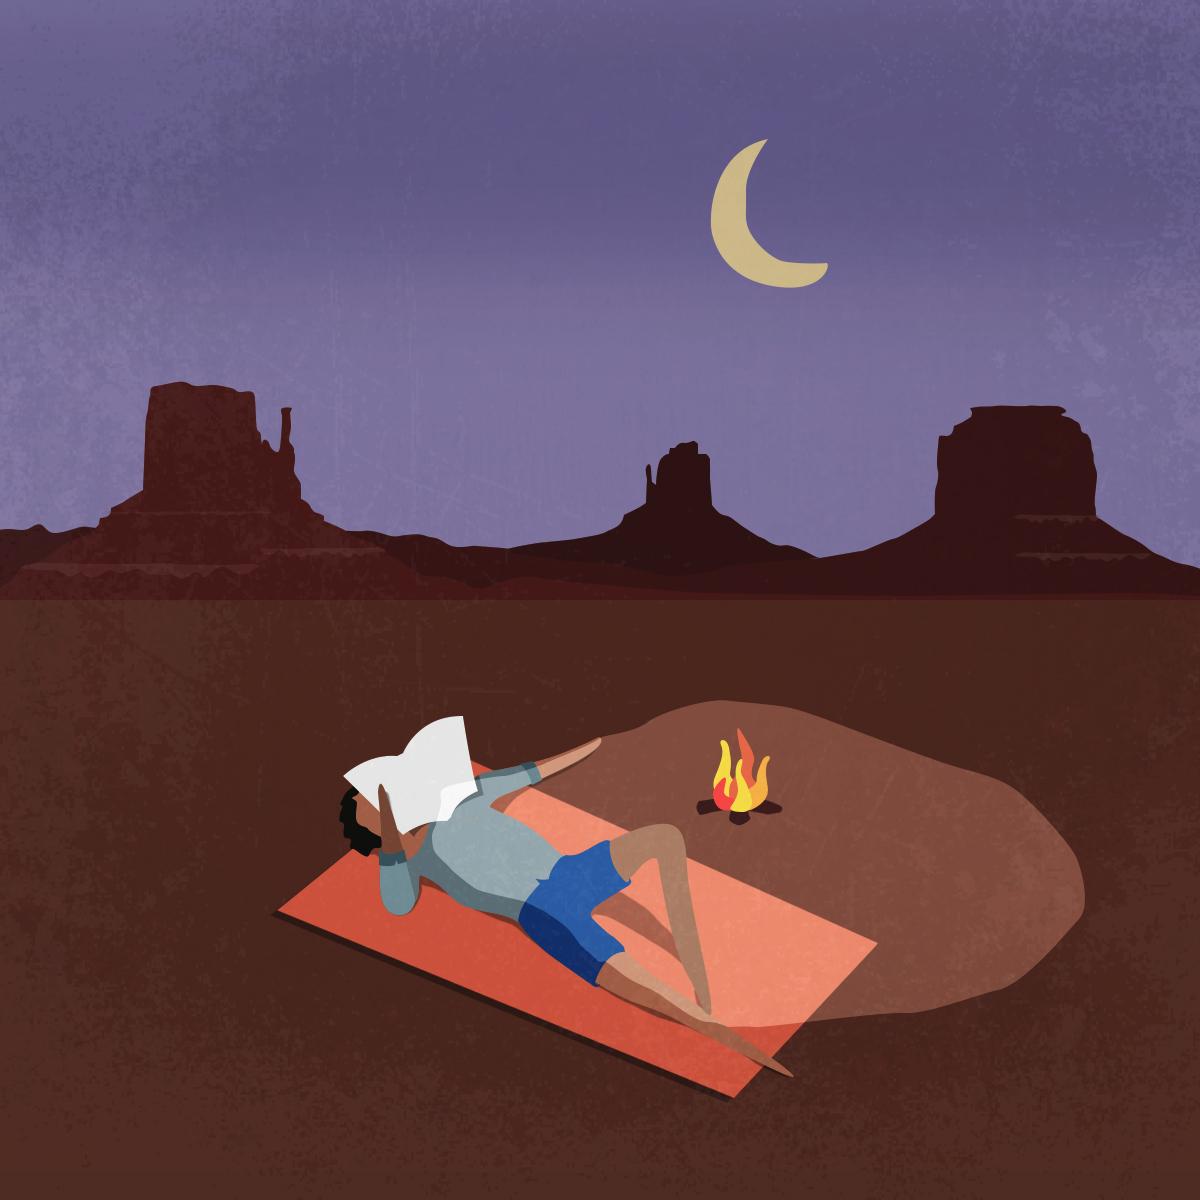 il libraio illustrazioni chaubet nicola montagna